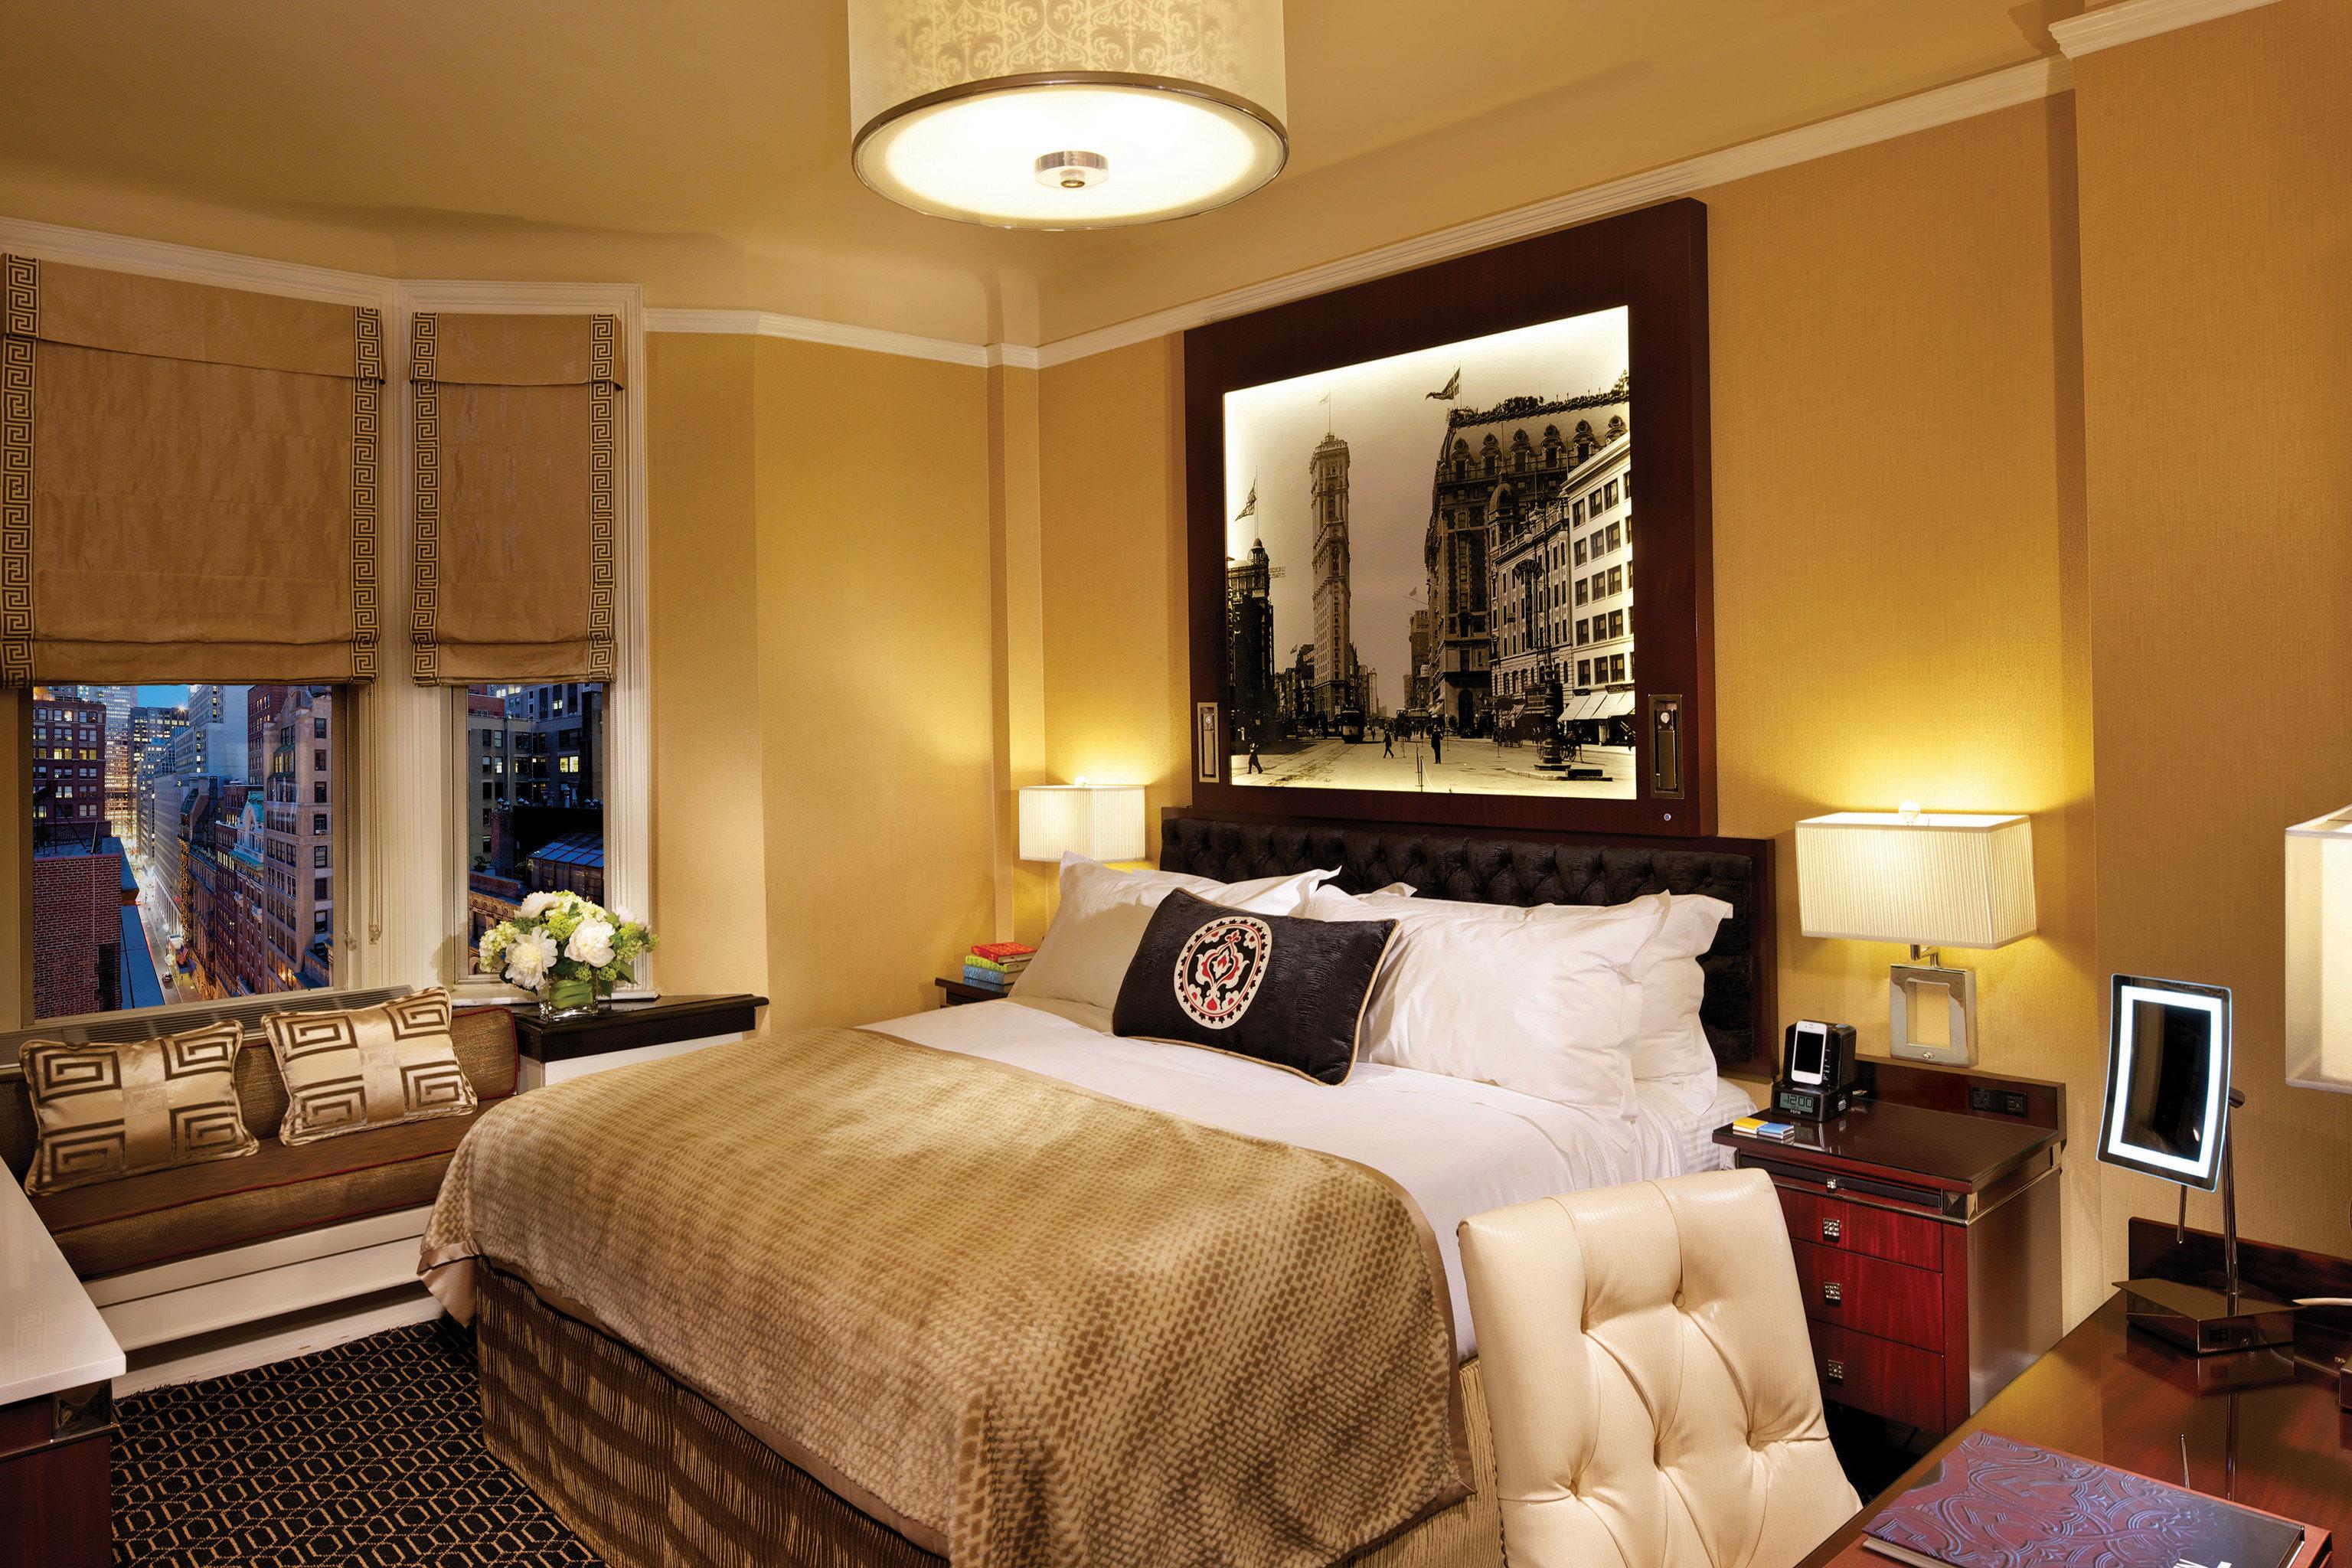 Bedroom Elegant Luxury Modern Suite sofa property home living room cottage